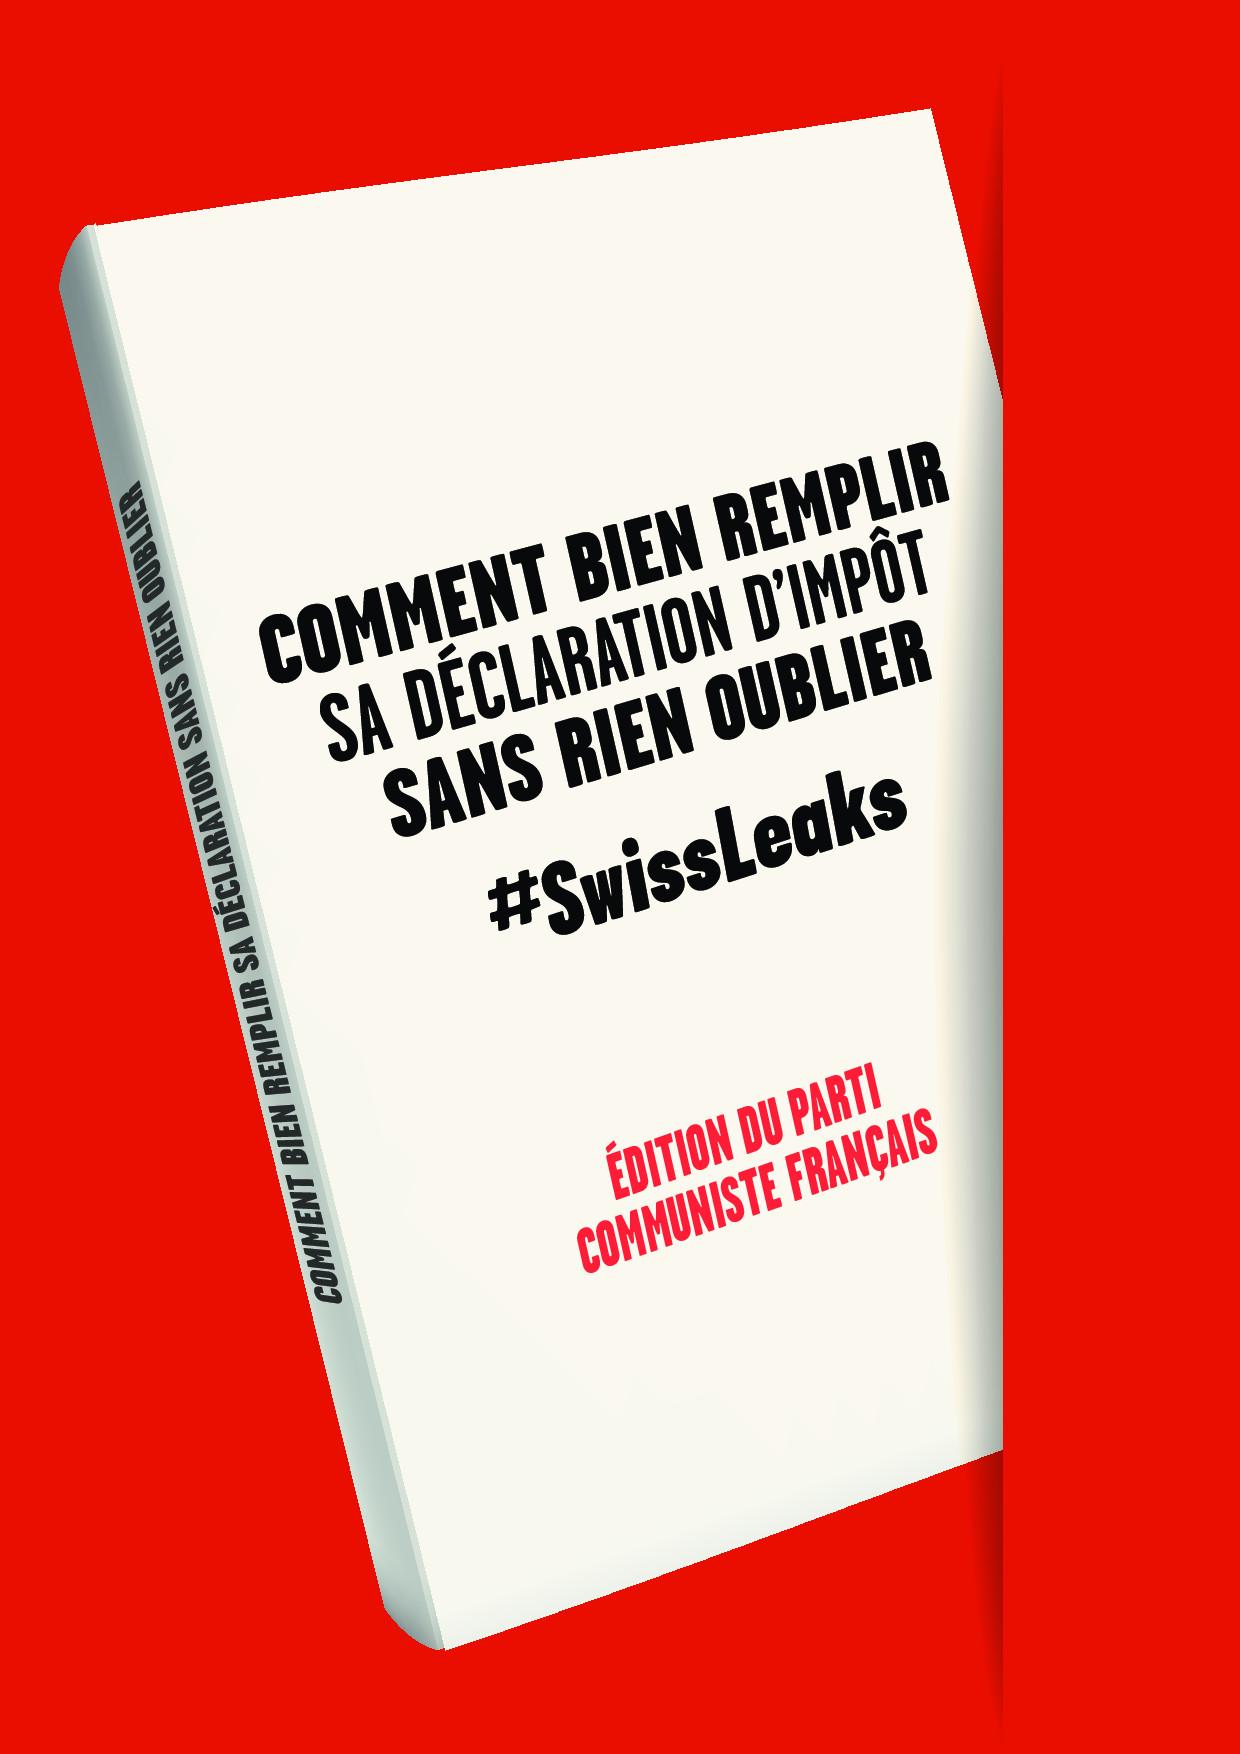 #Swissleaks : Pierre Laurent écrit aux personnalités françaises mentionnées sur la liste HSBC